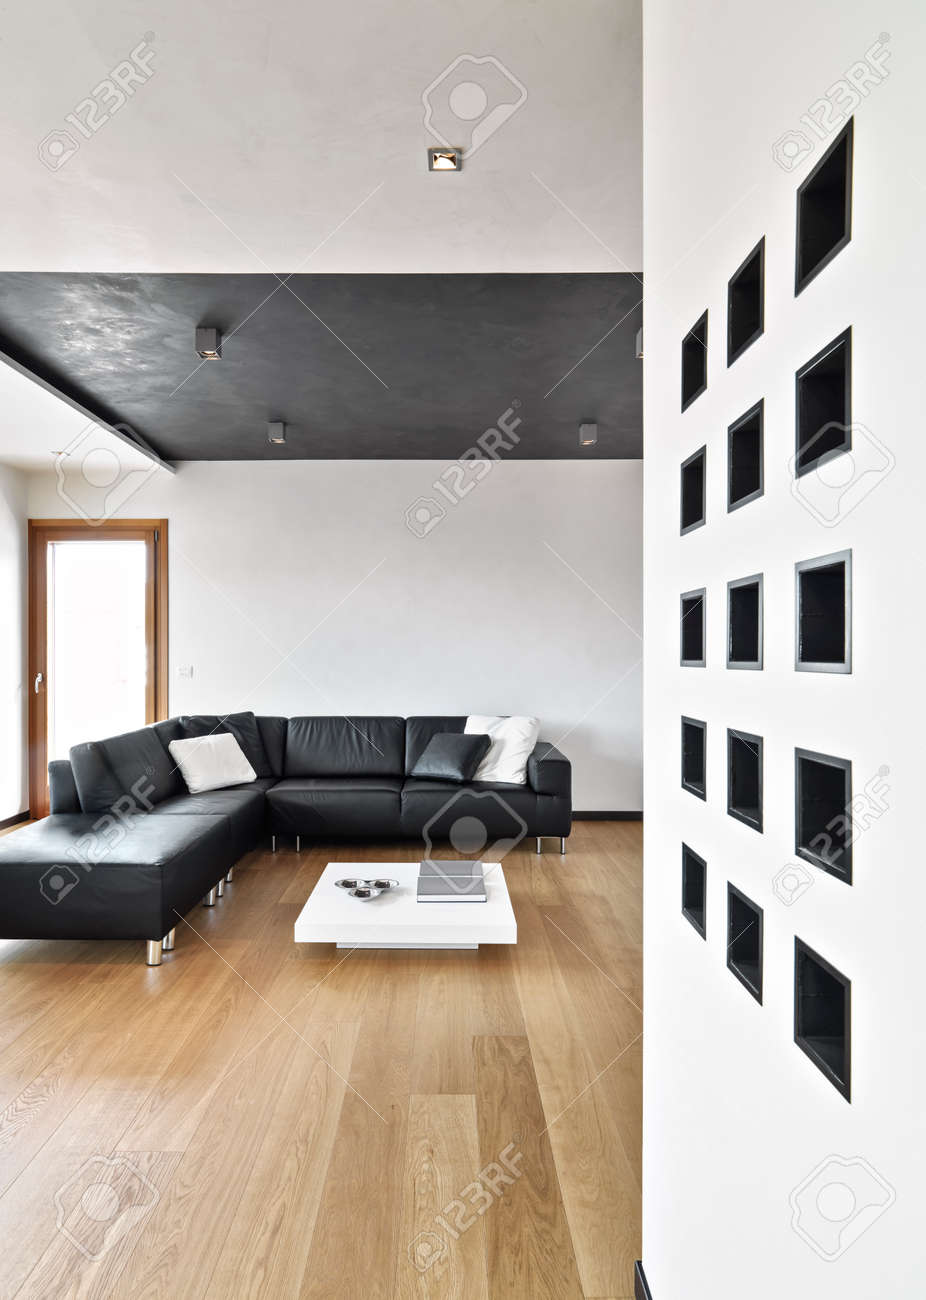 Canapé en cuir noir dans le salon moderne wit plancher de bois